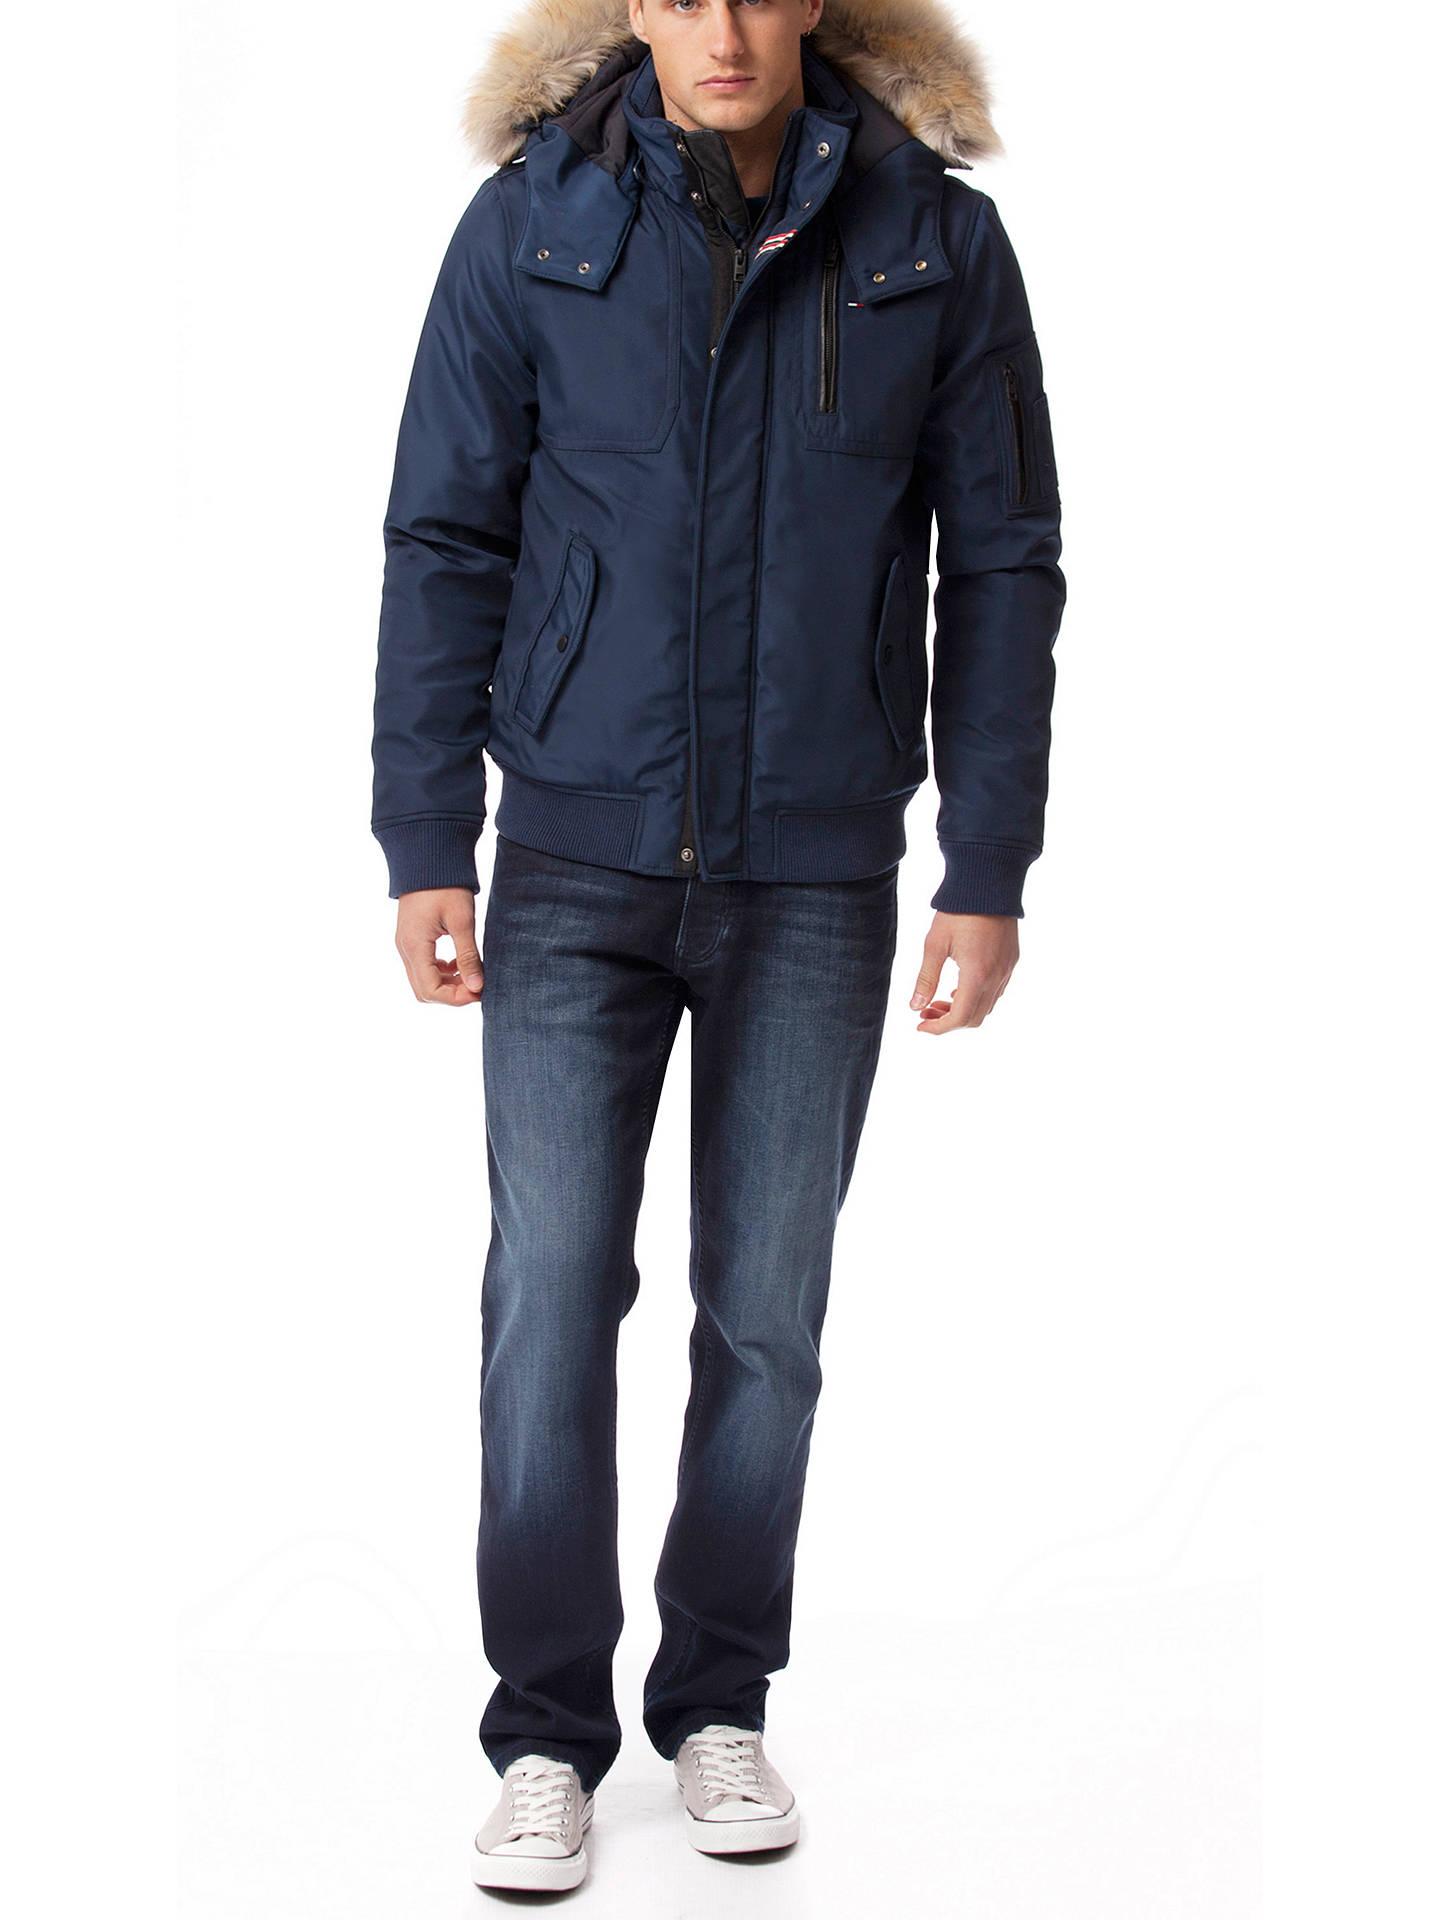 570bea2fd Tommy Hilfiger Cotton-Blend Hooded Bomber Jacket